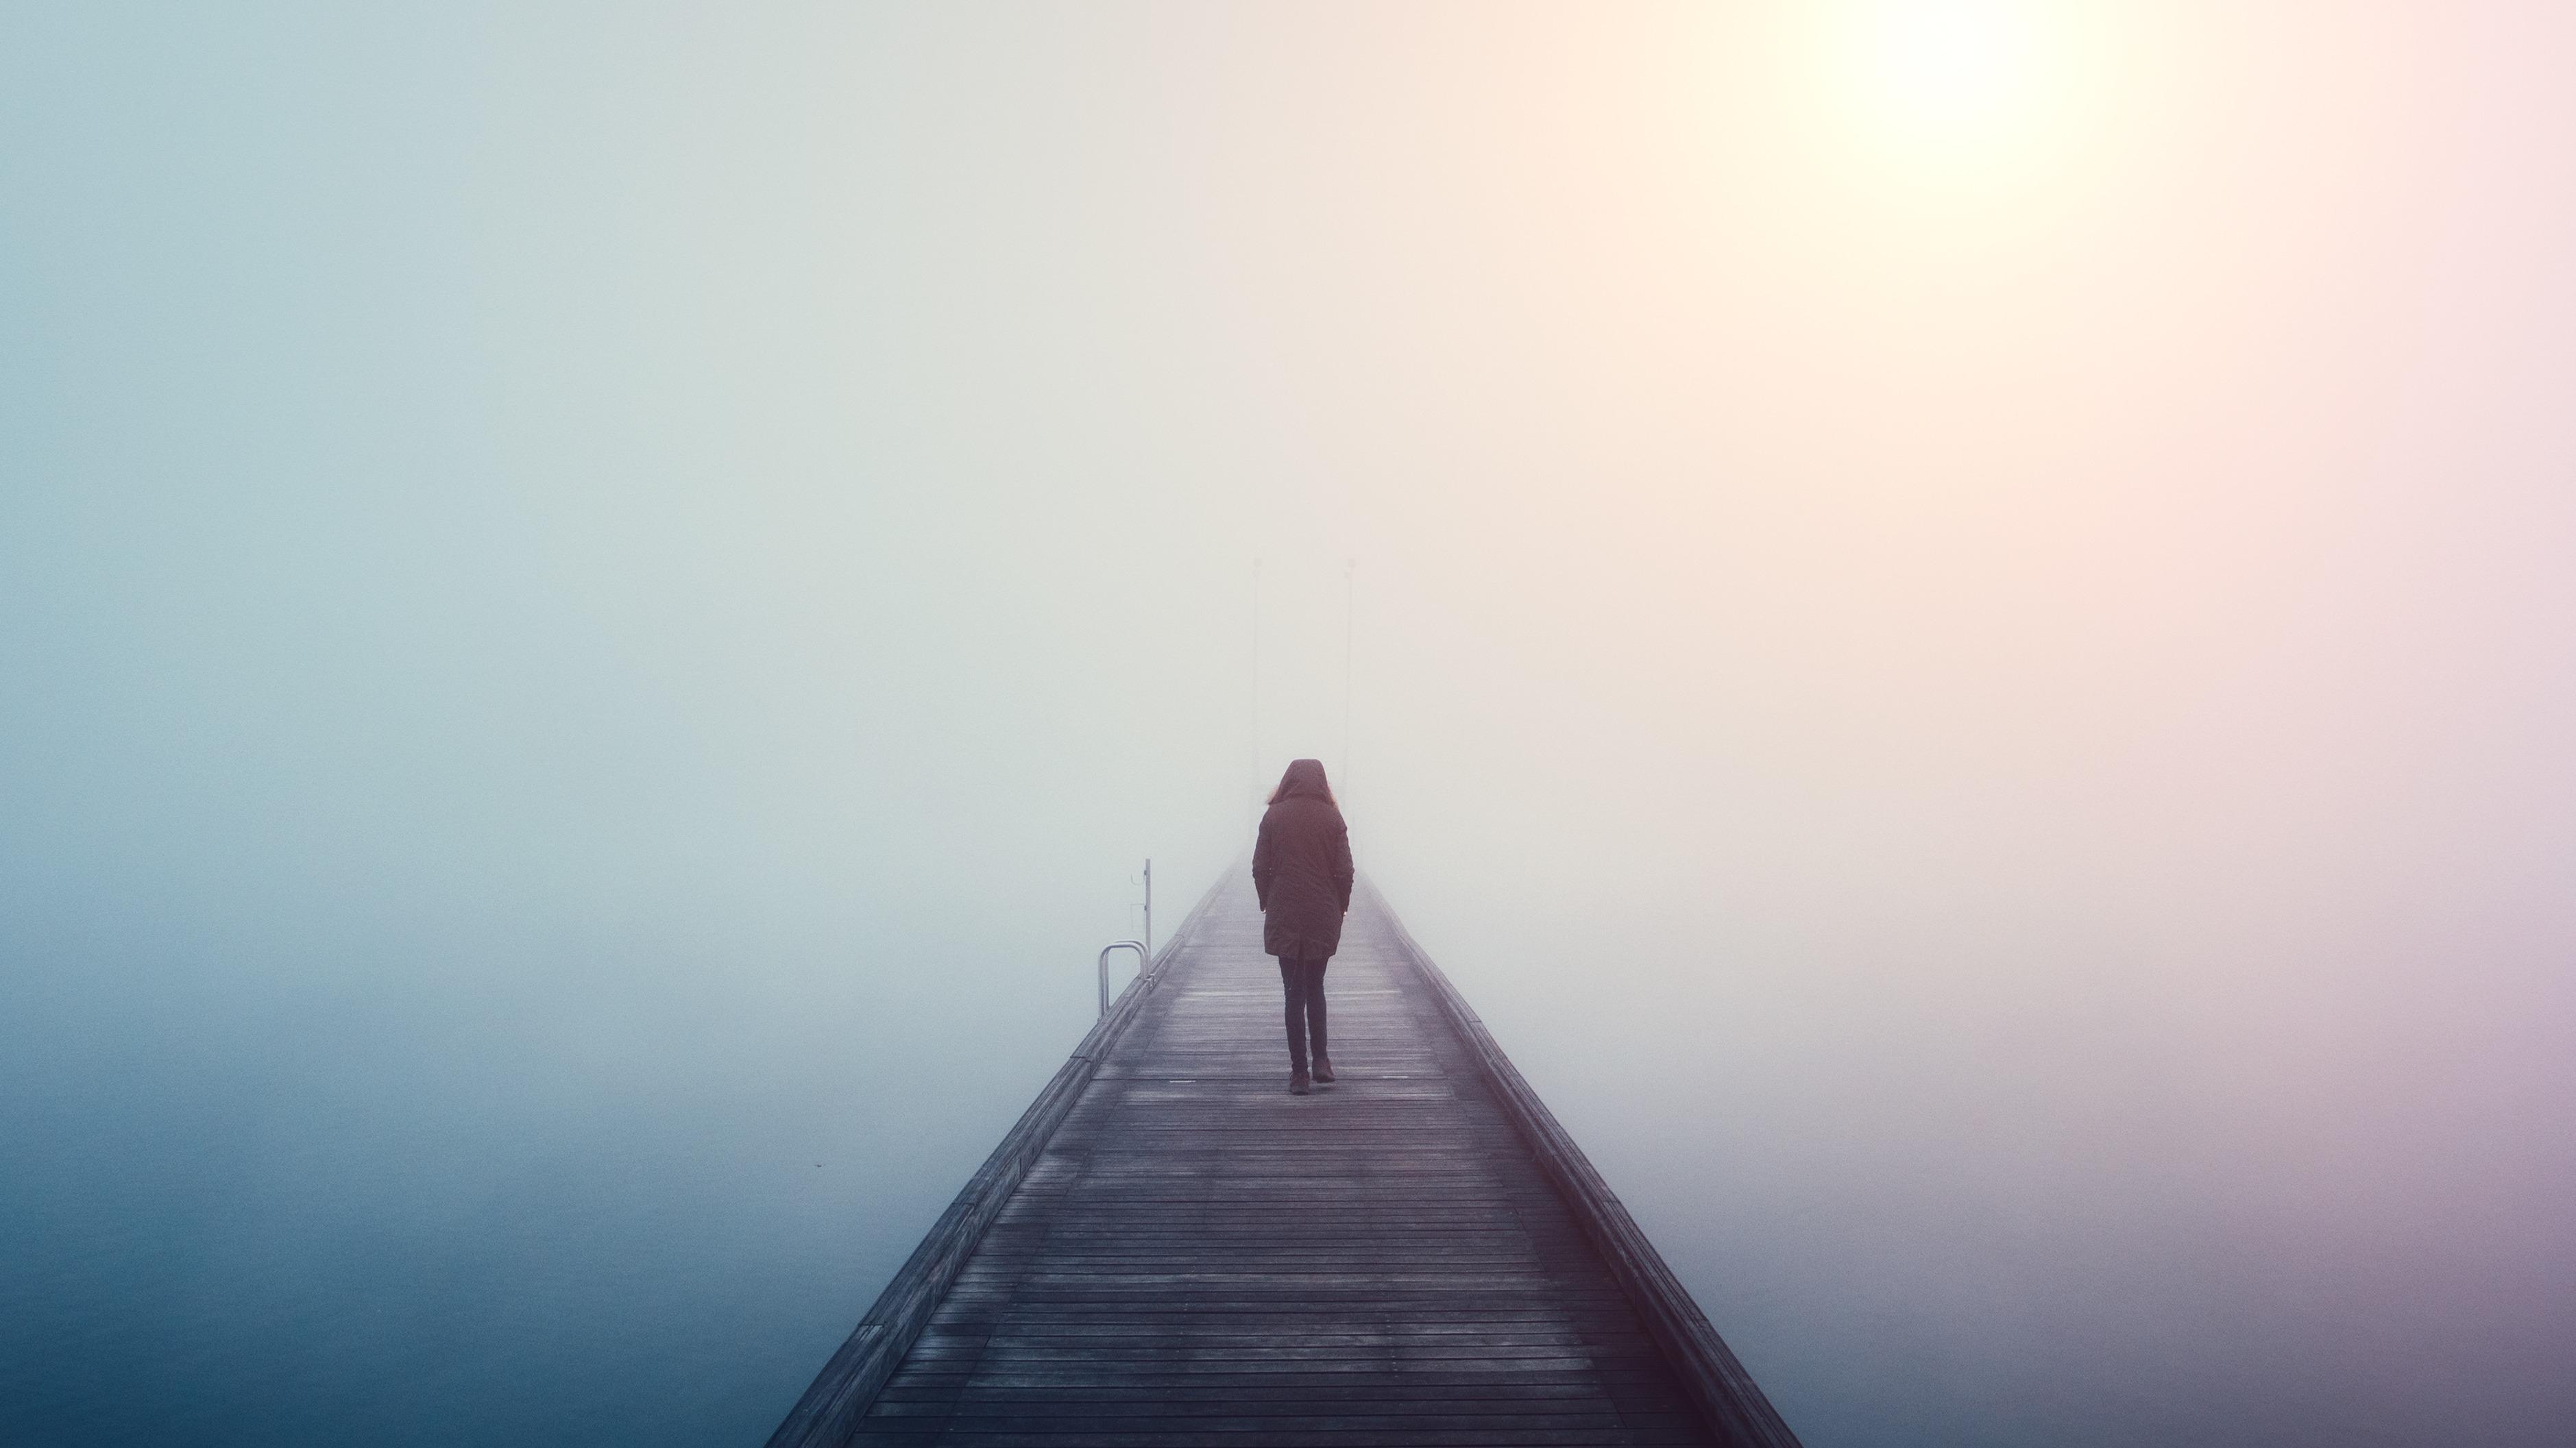 La soledad es considerada un problema de salud pública en Inglaterra. Las medidas gubernamentales asumidas por ese país son un reto para los otros países.